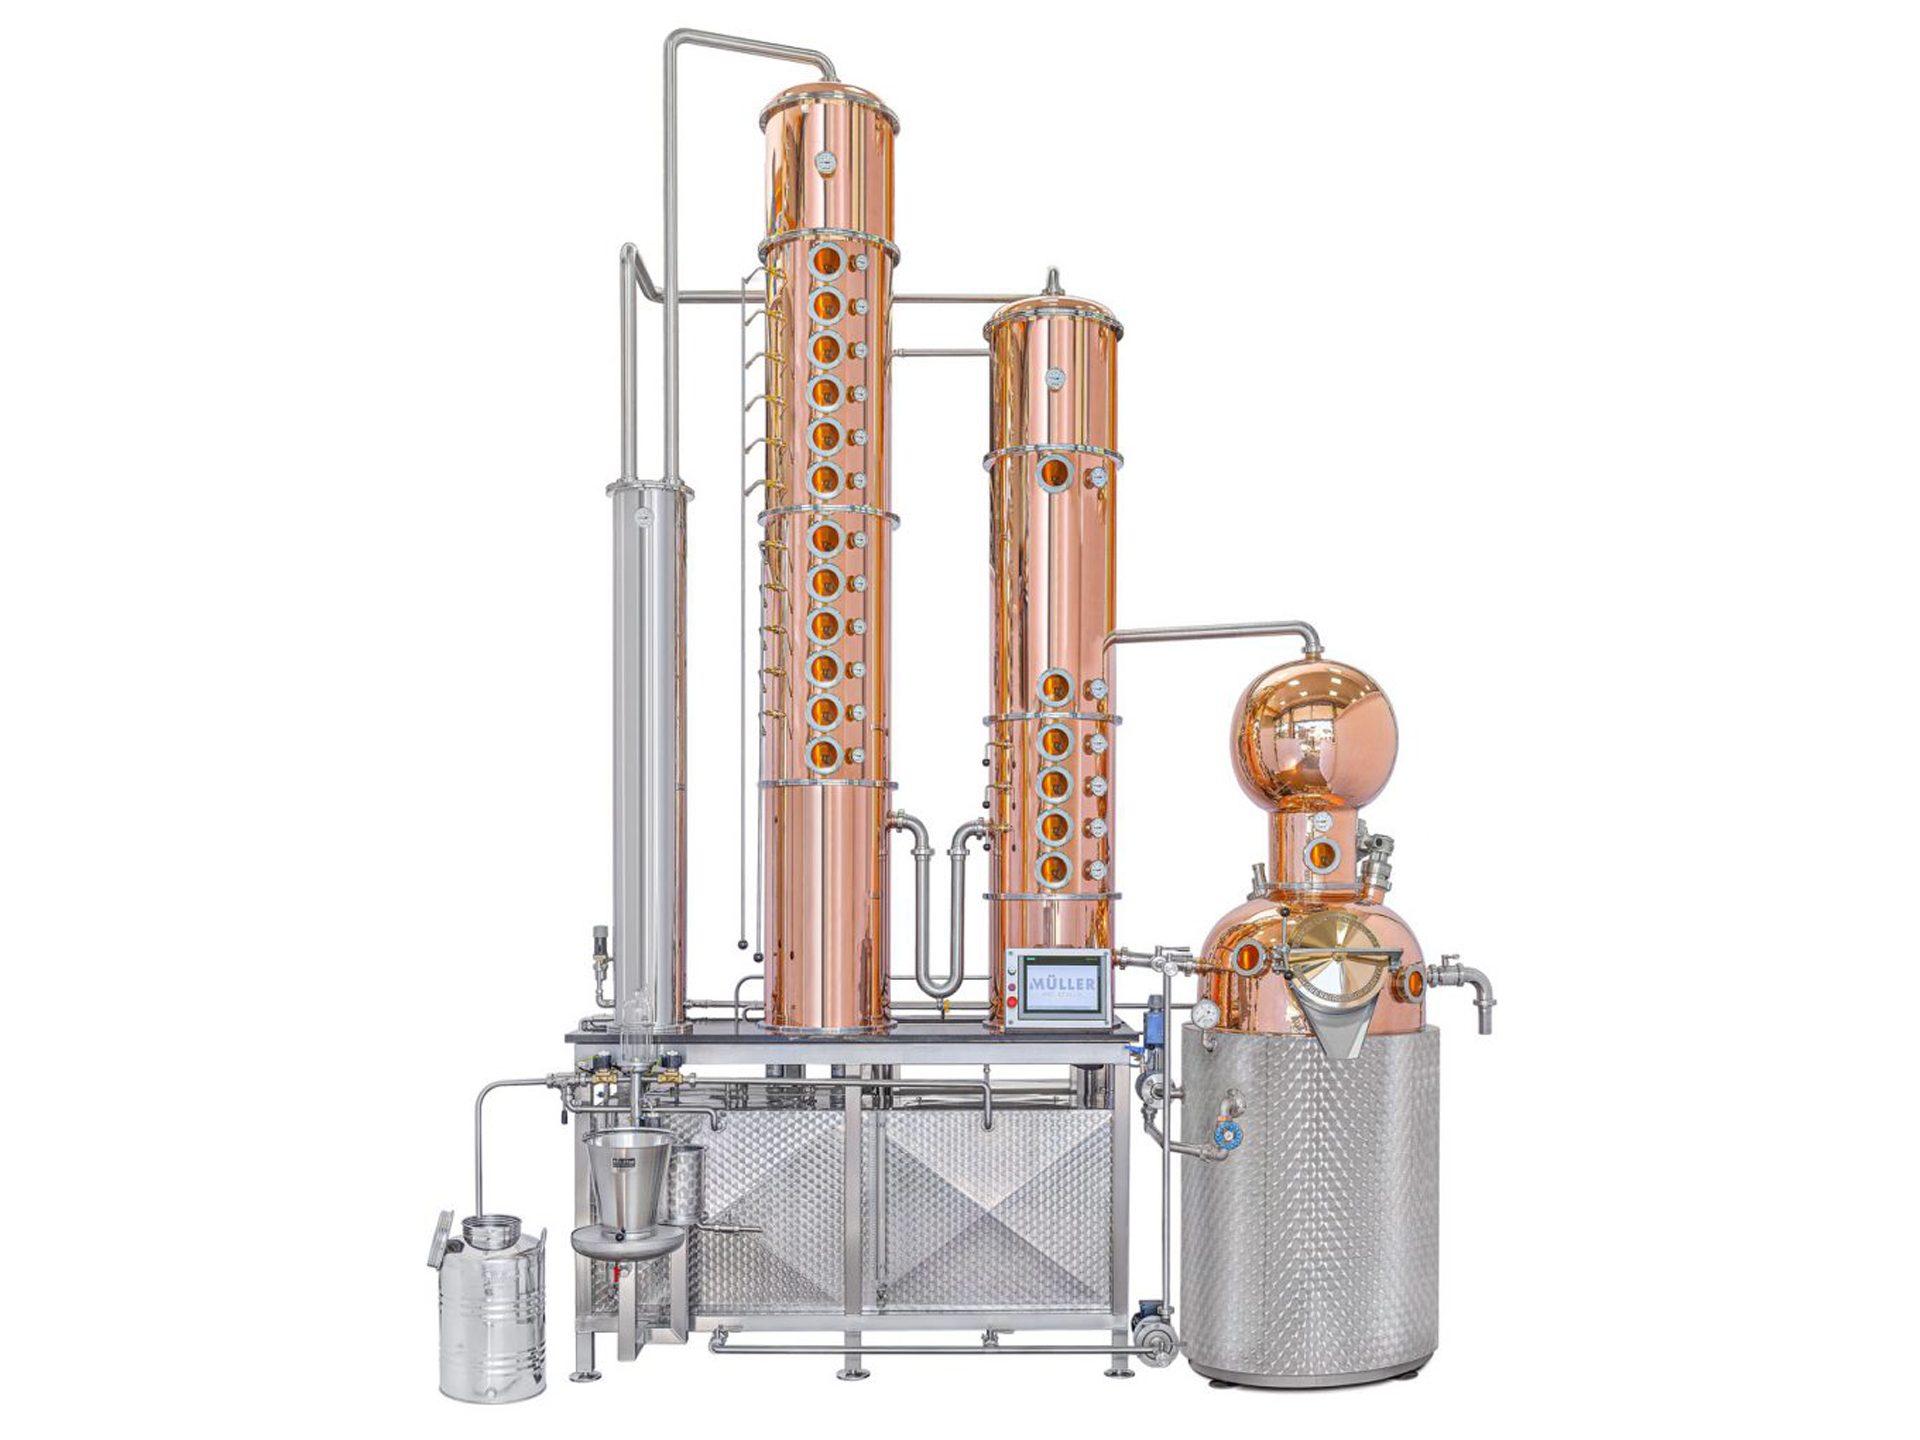 mueller-aroma-brennereianlagen-slider-1920-1200-2020